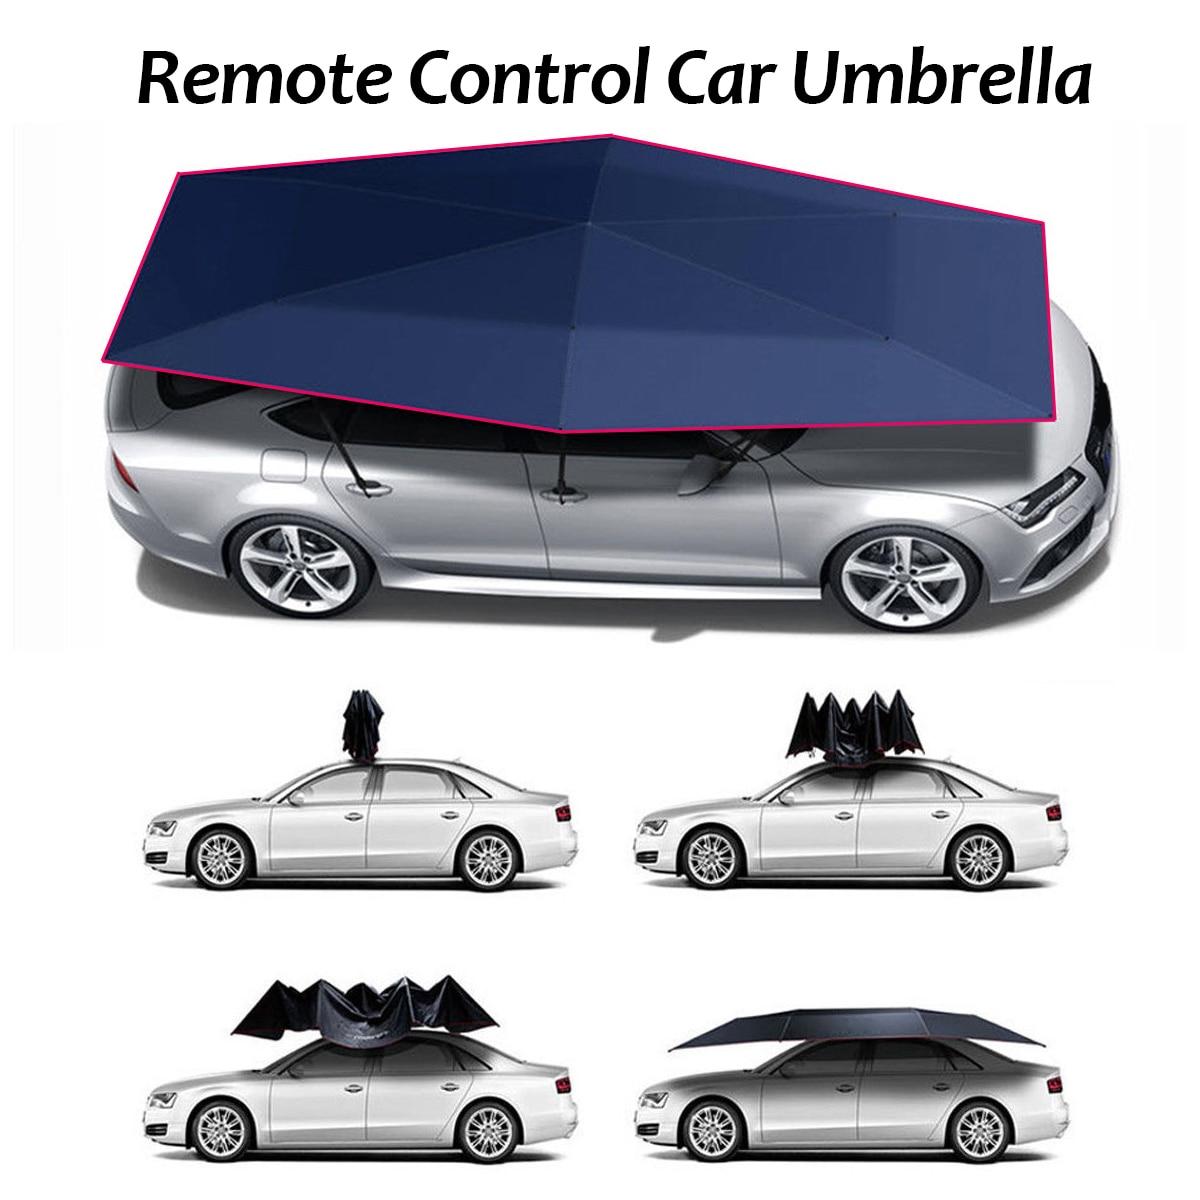 Auvent automatique tente bâche de voiture en plein air étanche pliable couverture d'auvent de voiture Portable abri solaire tente de toit de voiture télécommande